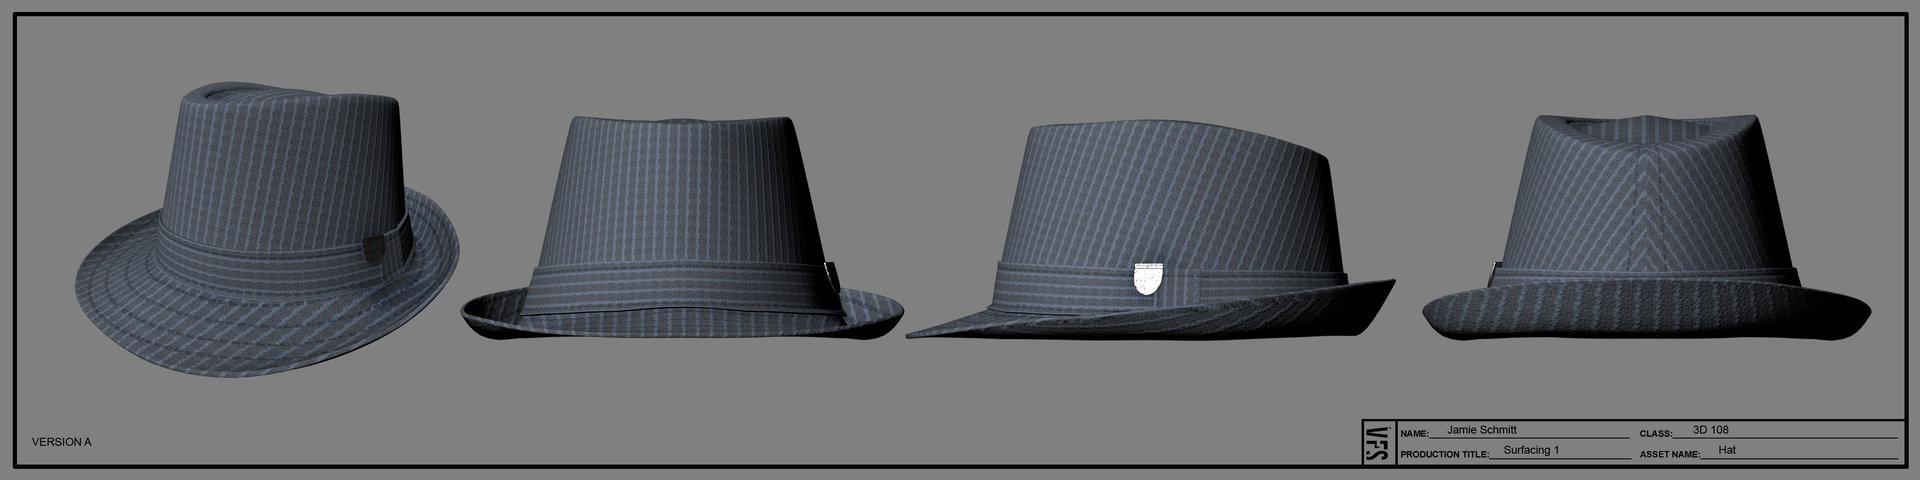 Jamie schmitt 3d108 jamieschmitt stilllife hat textured fin